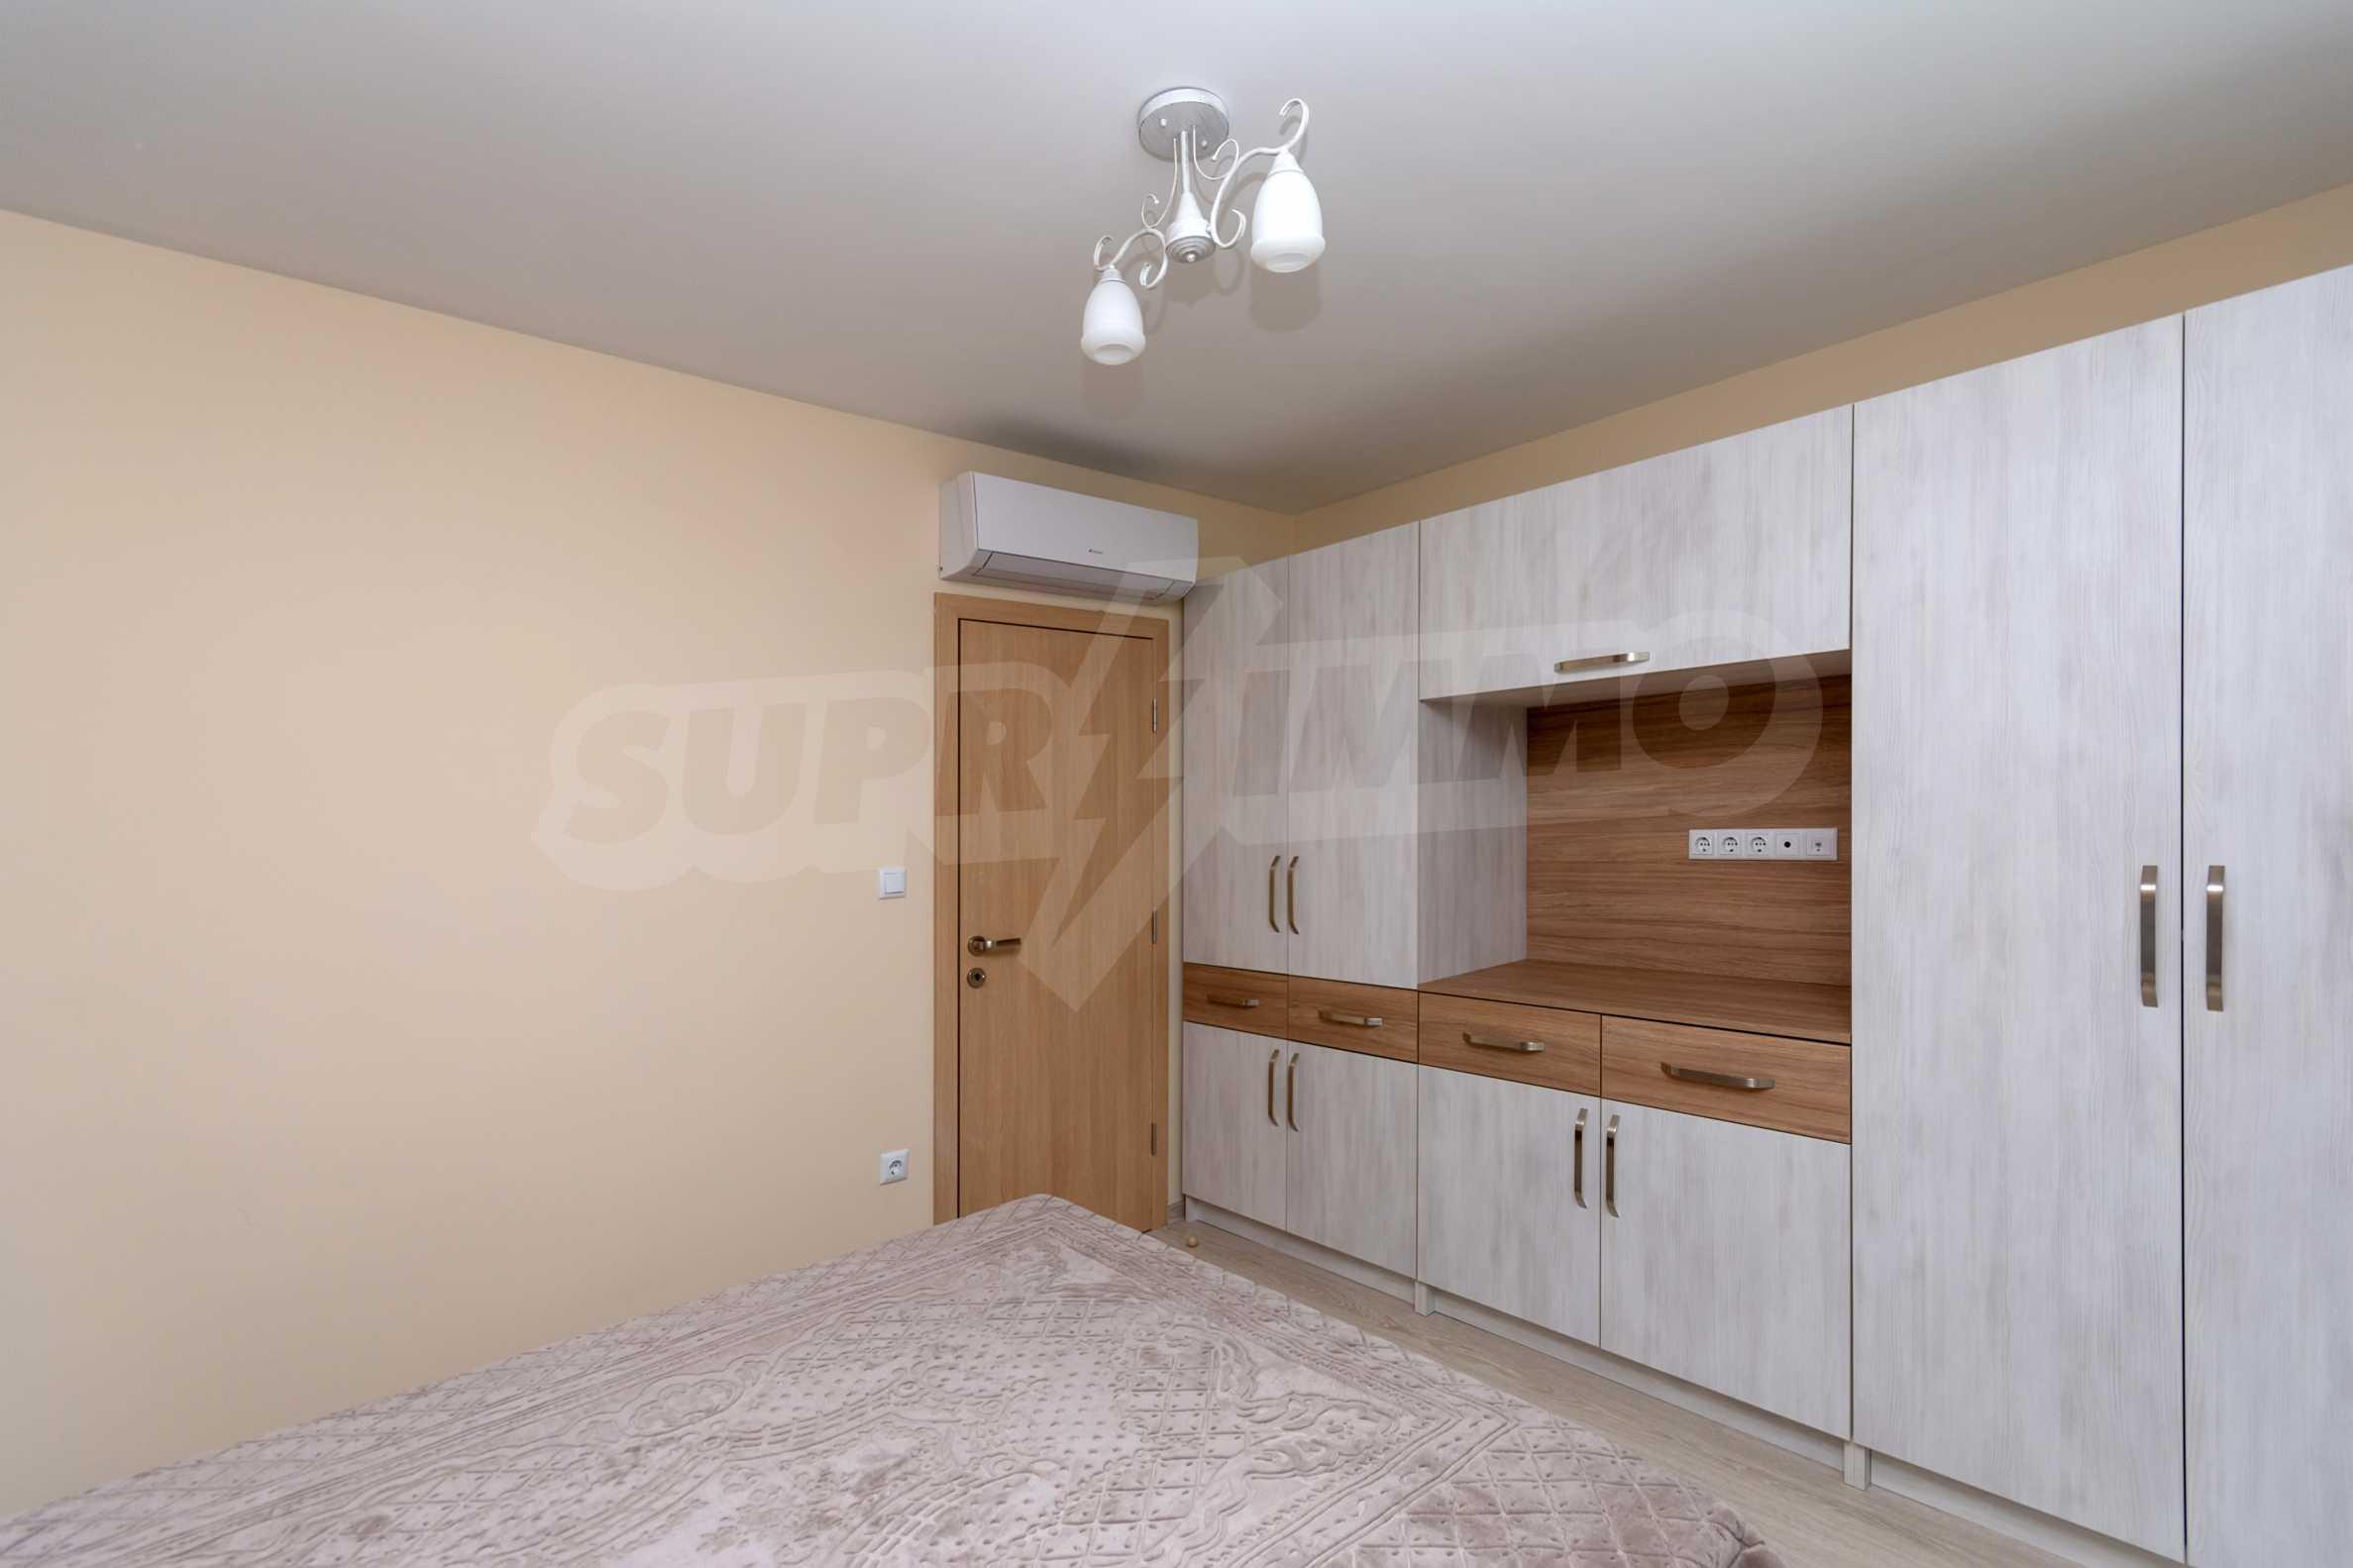 Двустаен апартамент в луксозна жилищна сграда на комуникативна локация в гр.Пловдив 5